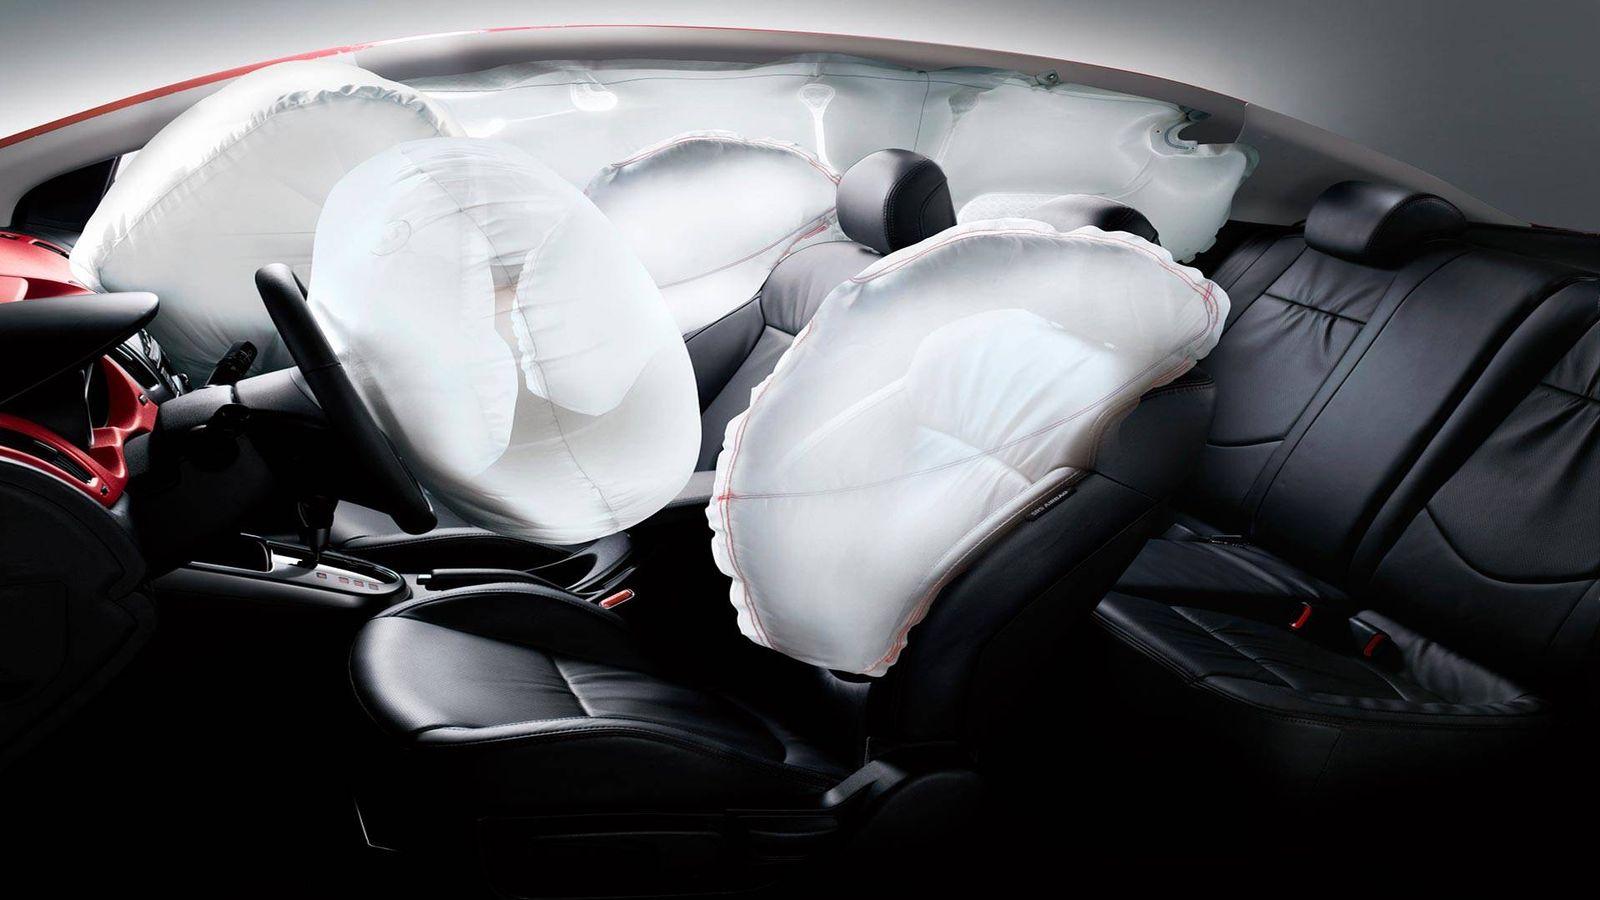 Foto: Hyundai inventa un airbag para actuar en casos de colisiones múltiples. (CC)